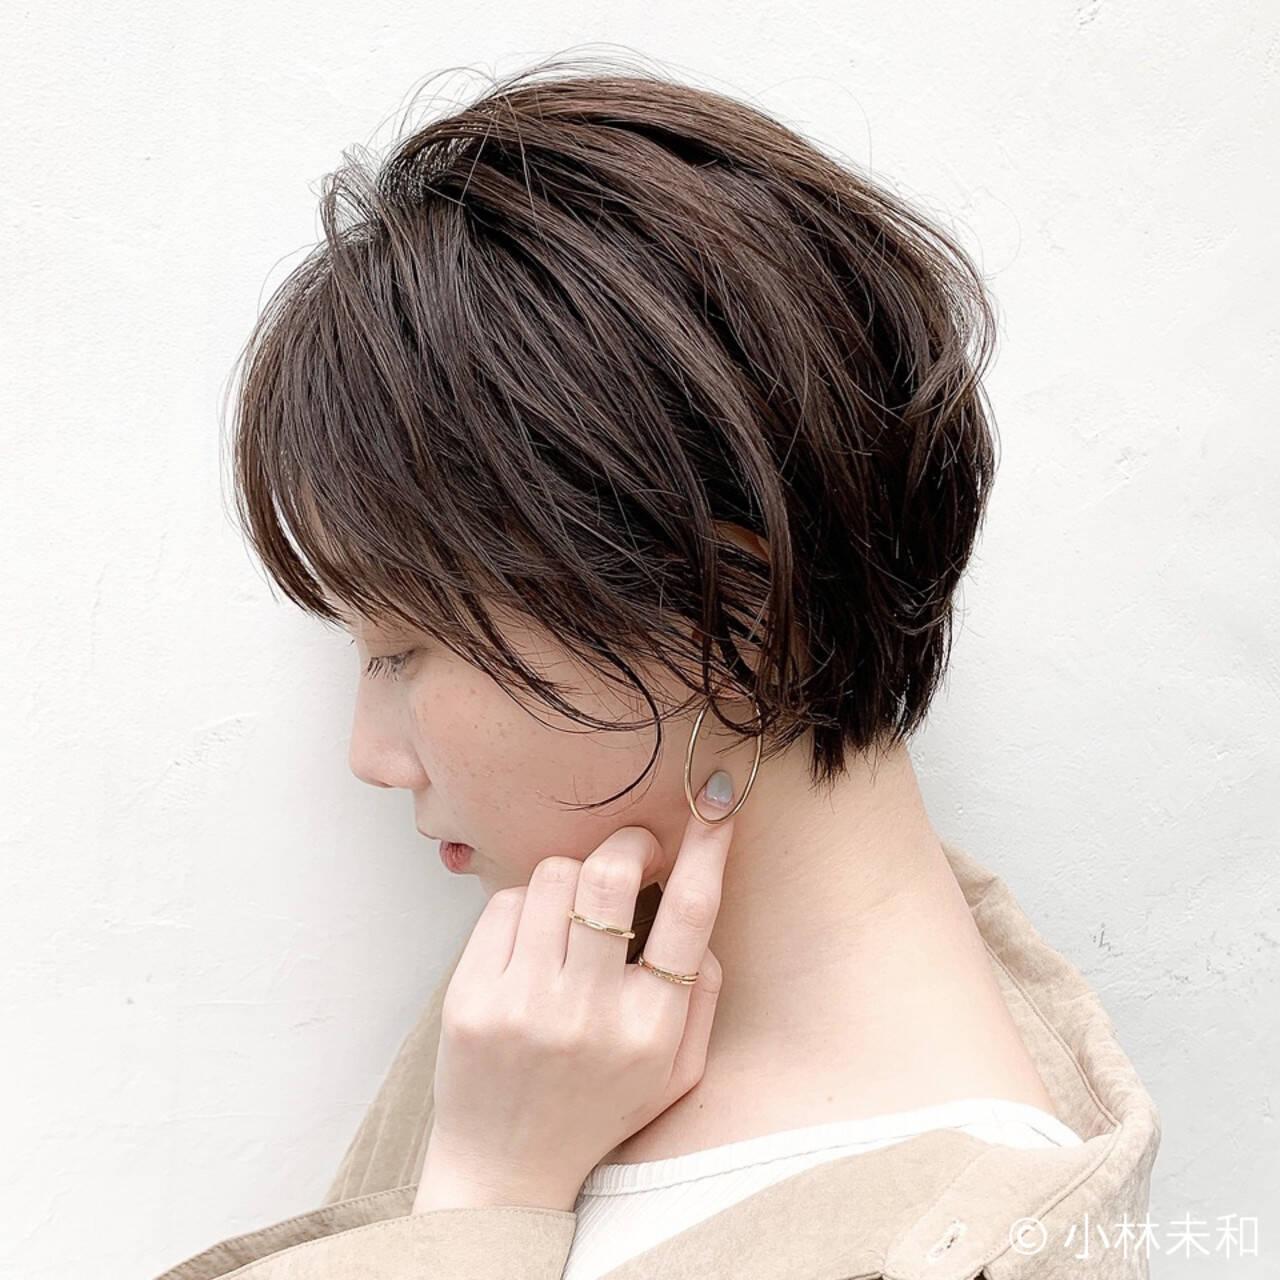 オーガニックカラー ショコラブラウン ナチュラル 大人女子ヘアスタイルや髪型の写真・画像